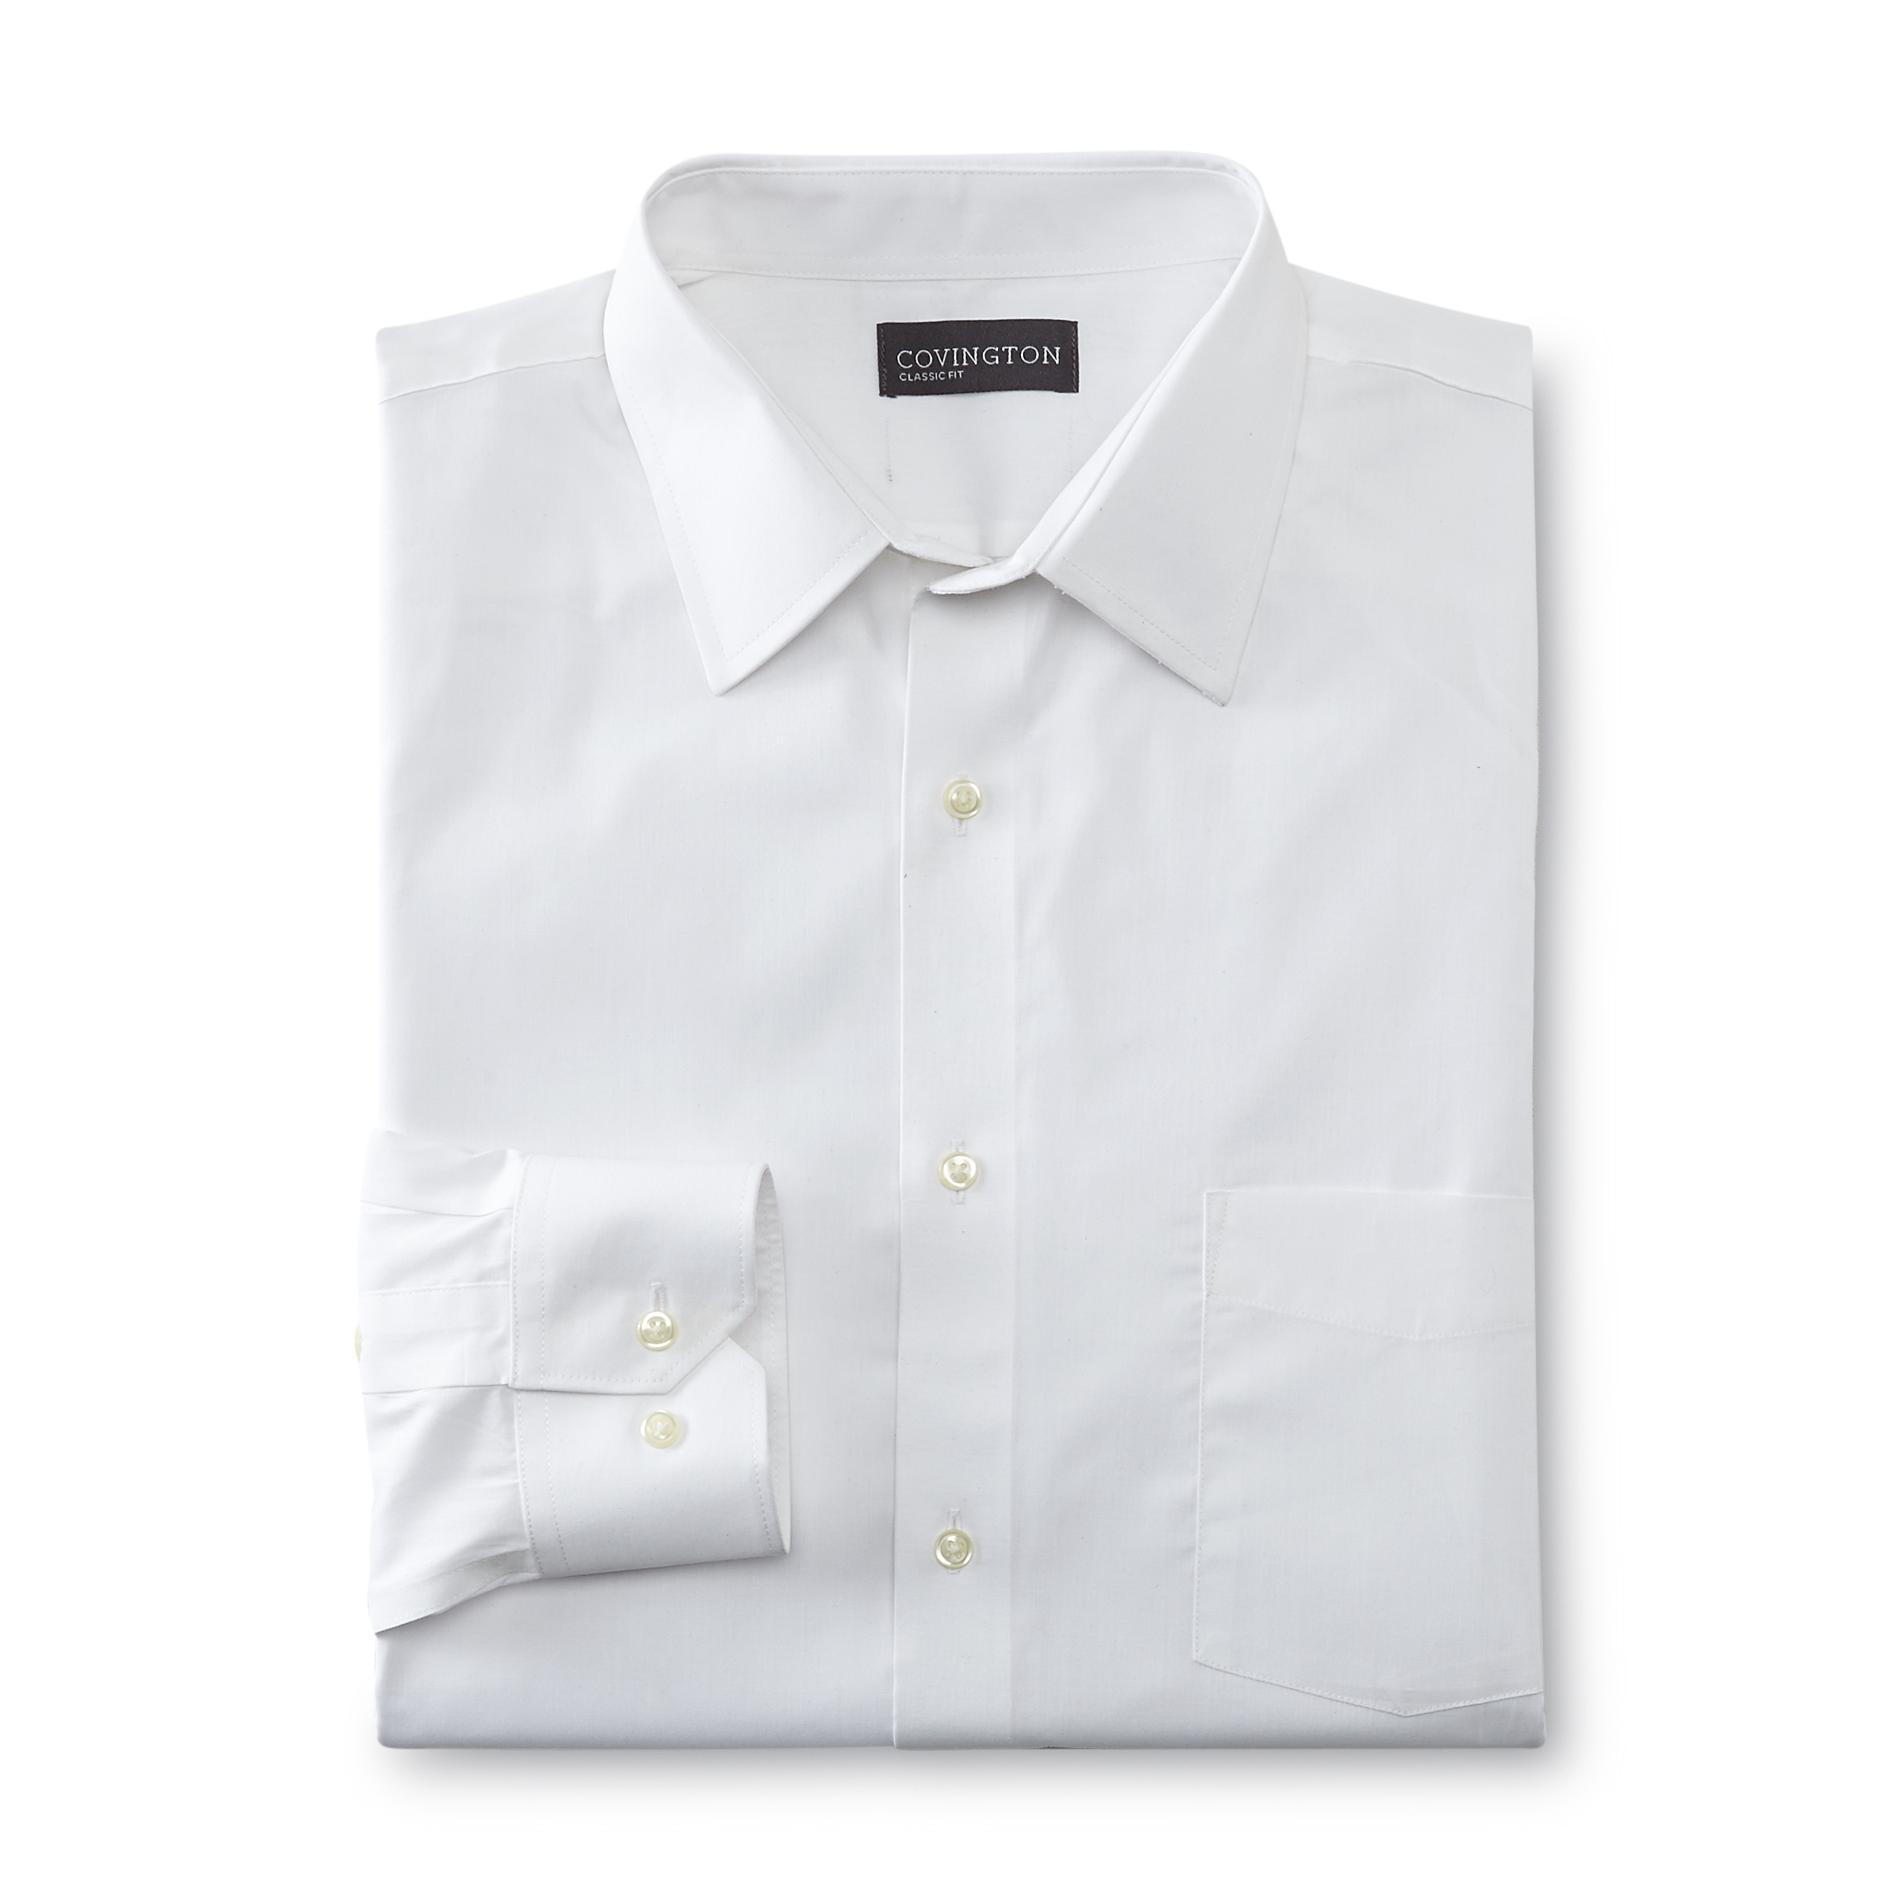 Covington Men's Performance Dress Shirt